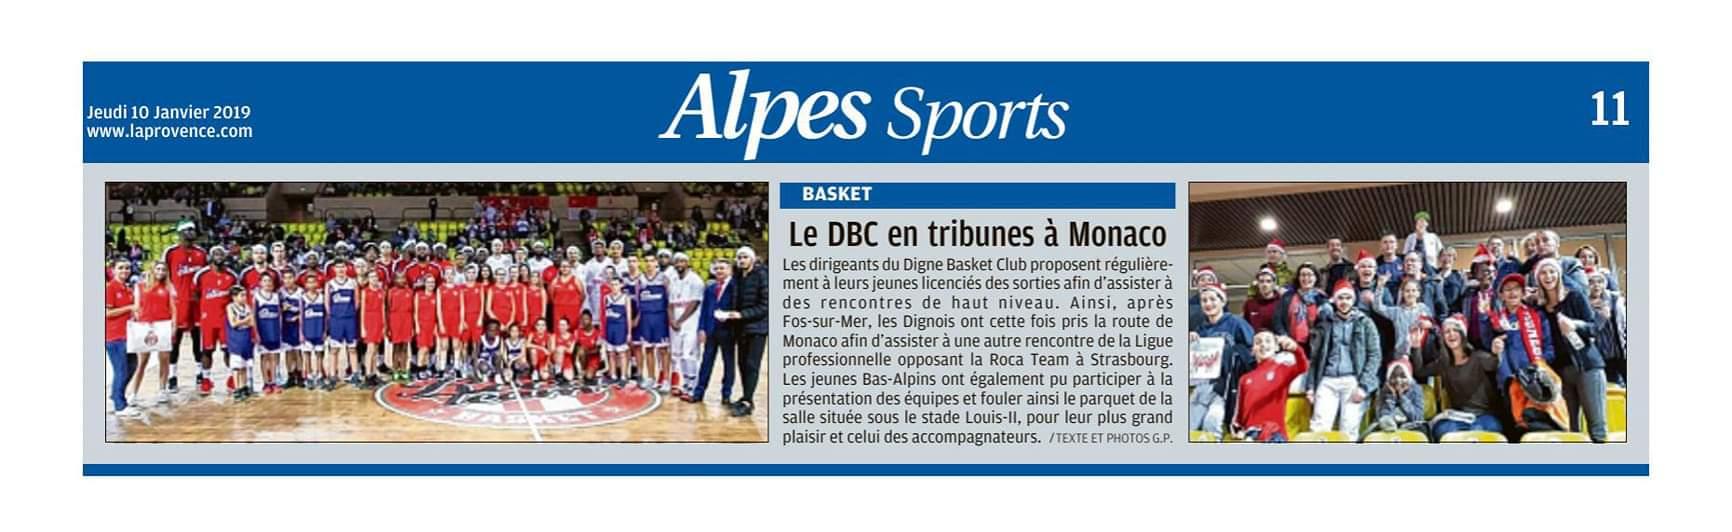 Le DBC en tribune à Monaco